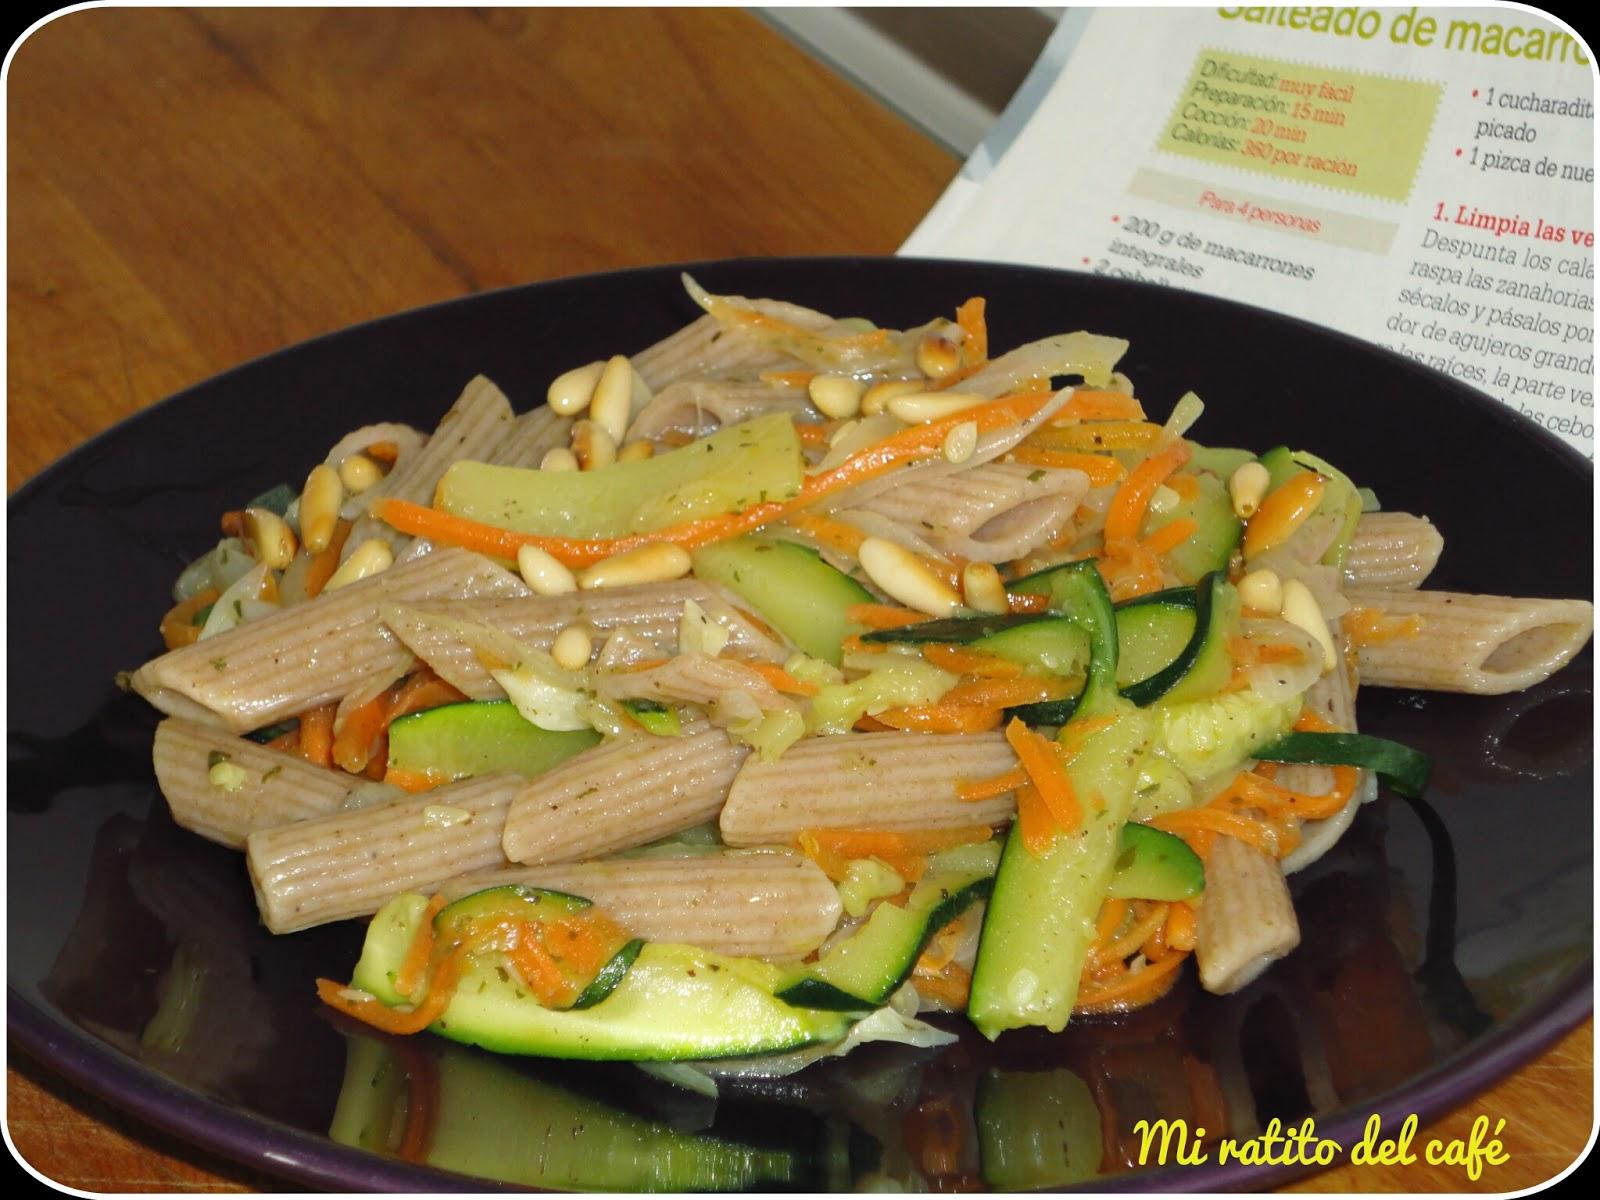 Macarrones con hortalizas y piñones